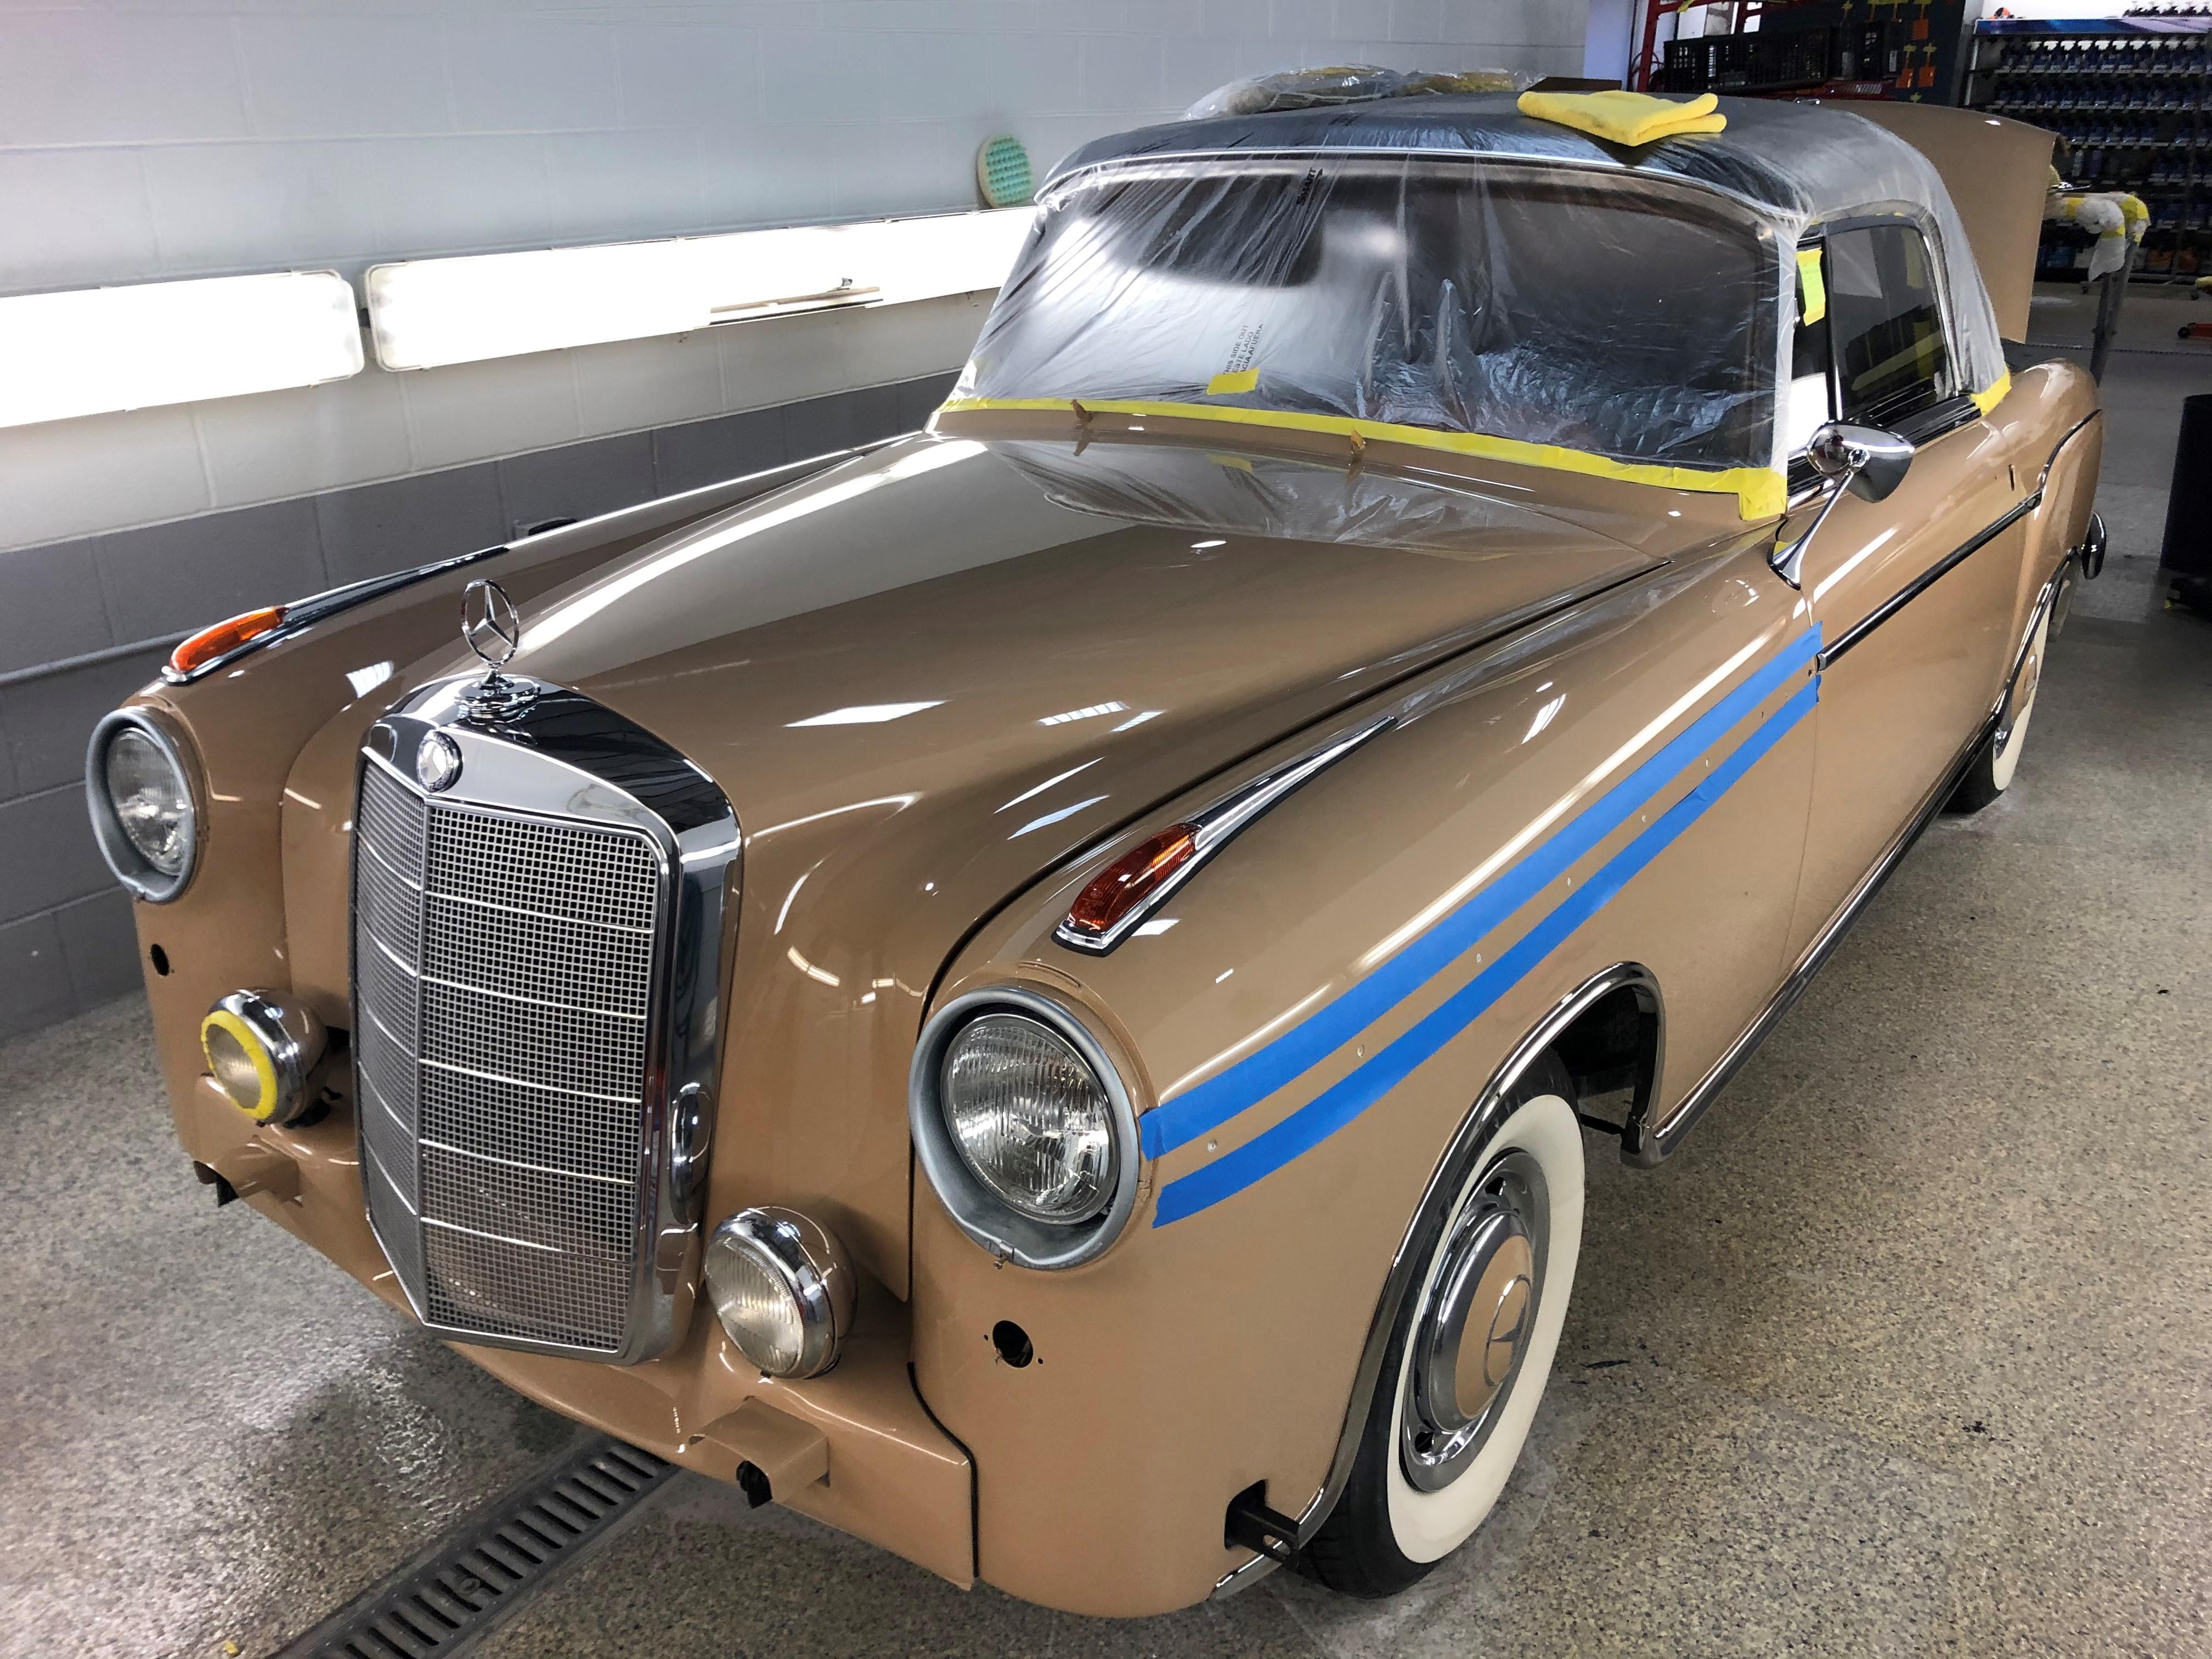 Mercedes-Benz 220S 1959 - Restoration Update